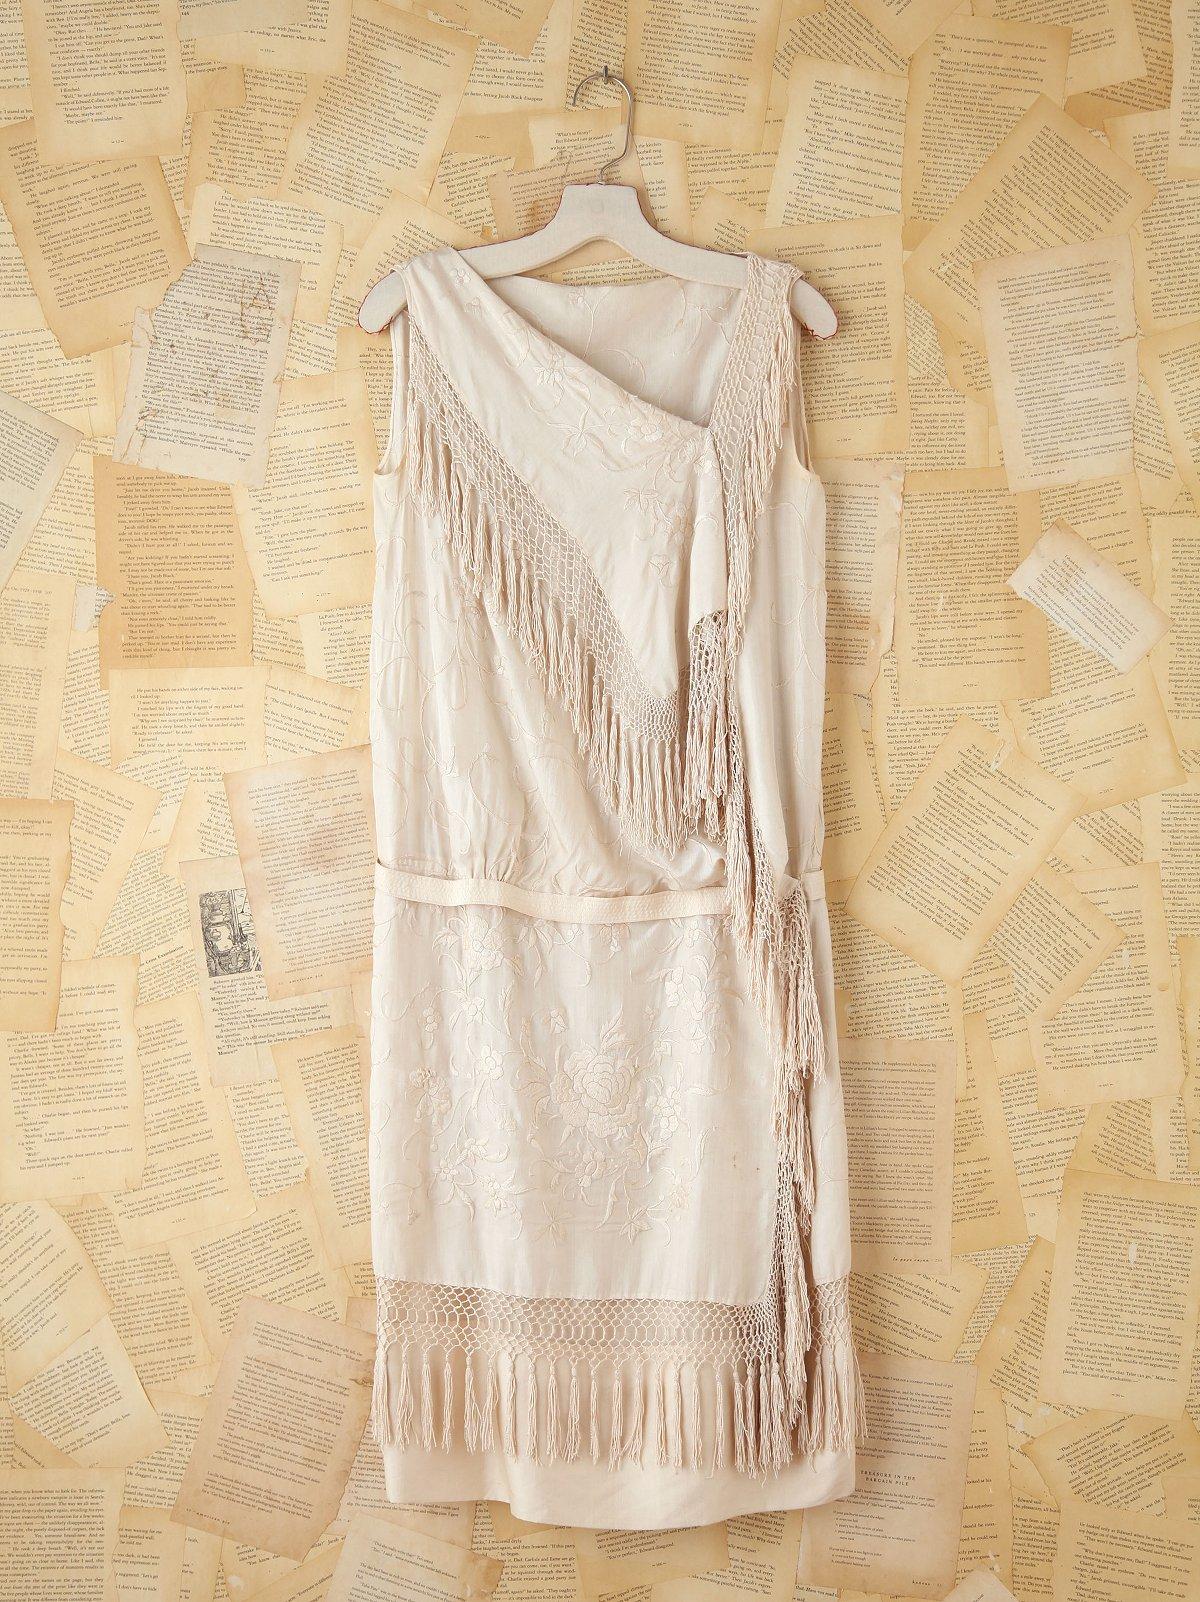 Vintage Embroidered Fringe Dress